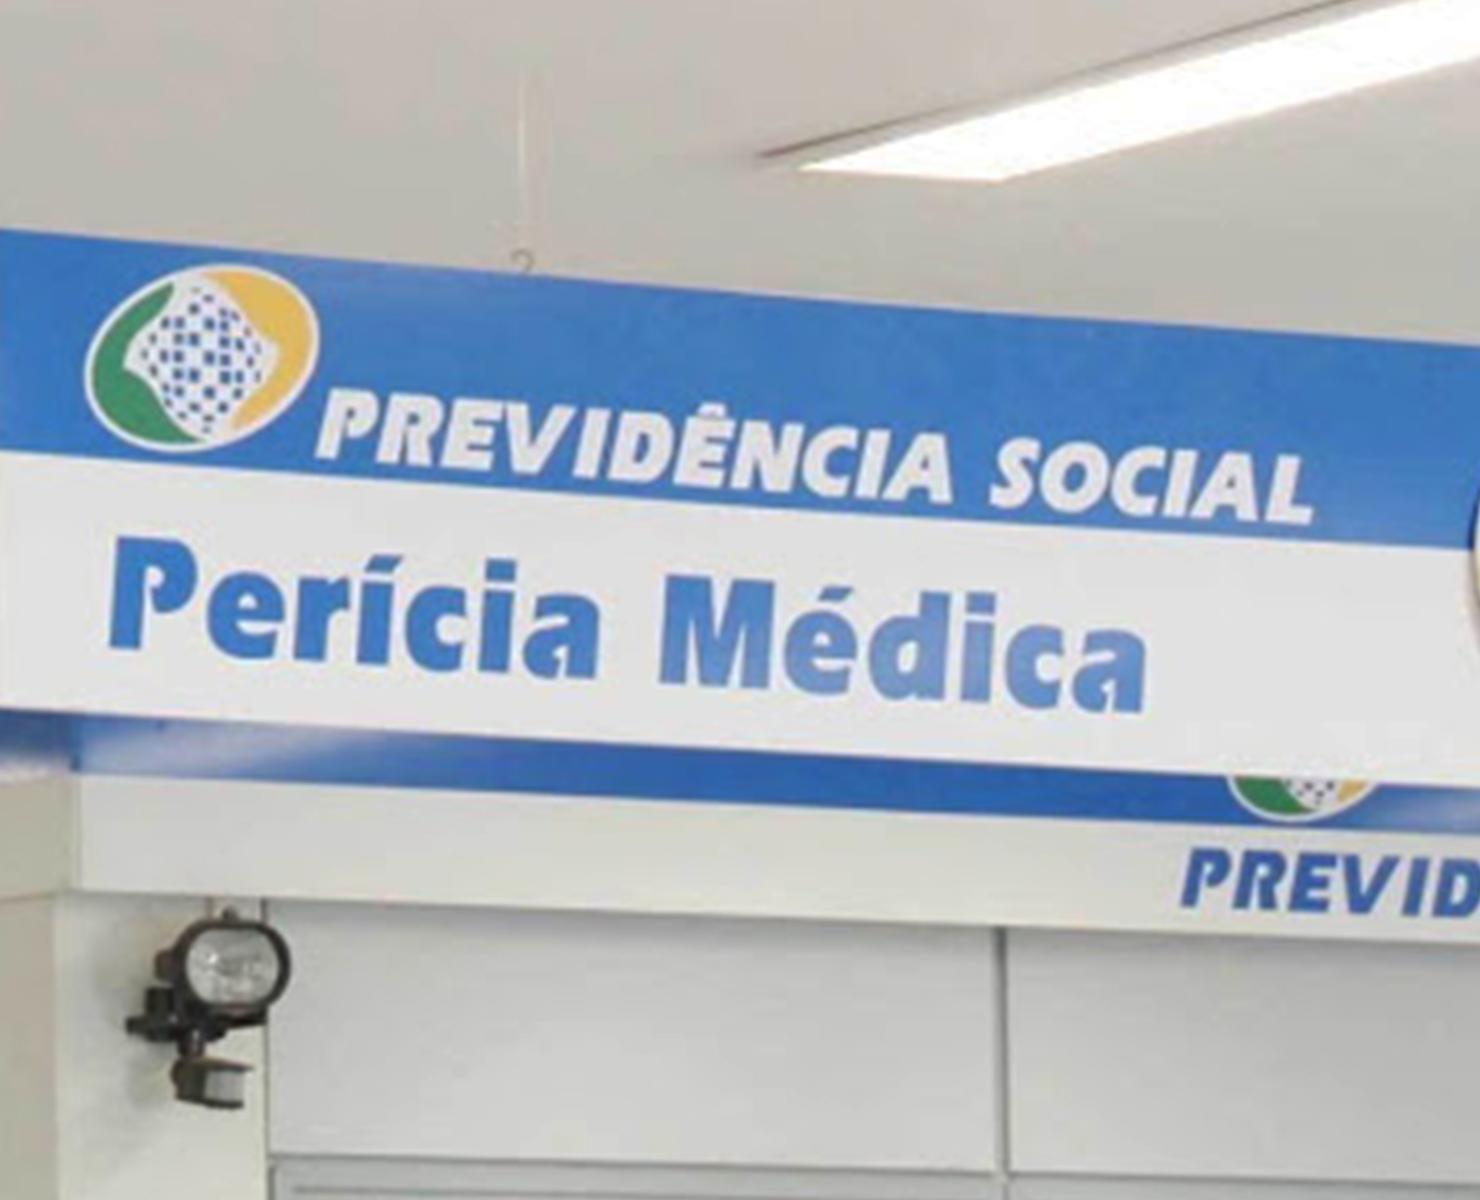 PERÍCIA MÉDICA: INSS PODE DISPENSAR DURANTE PANDEMIA DO COVID-19